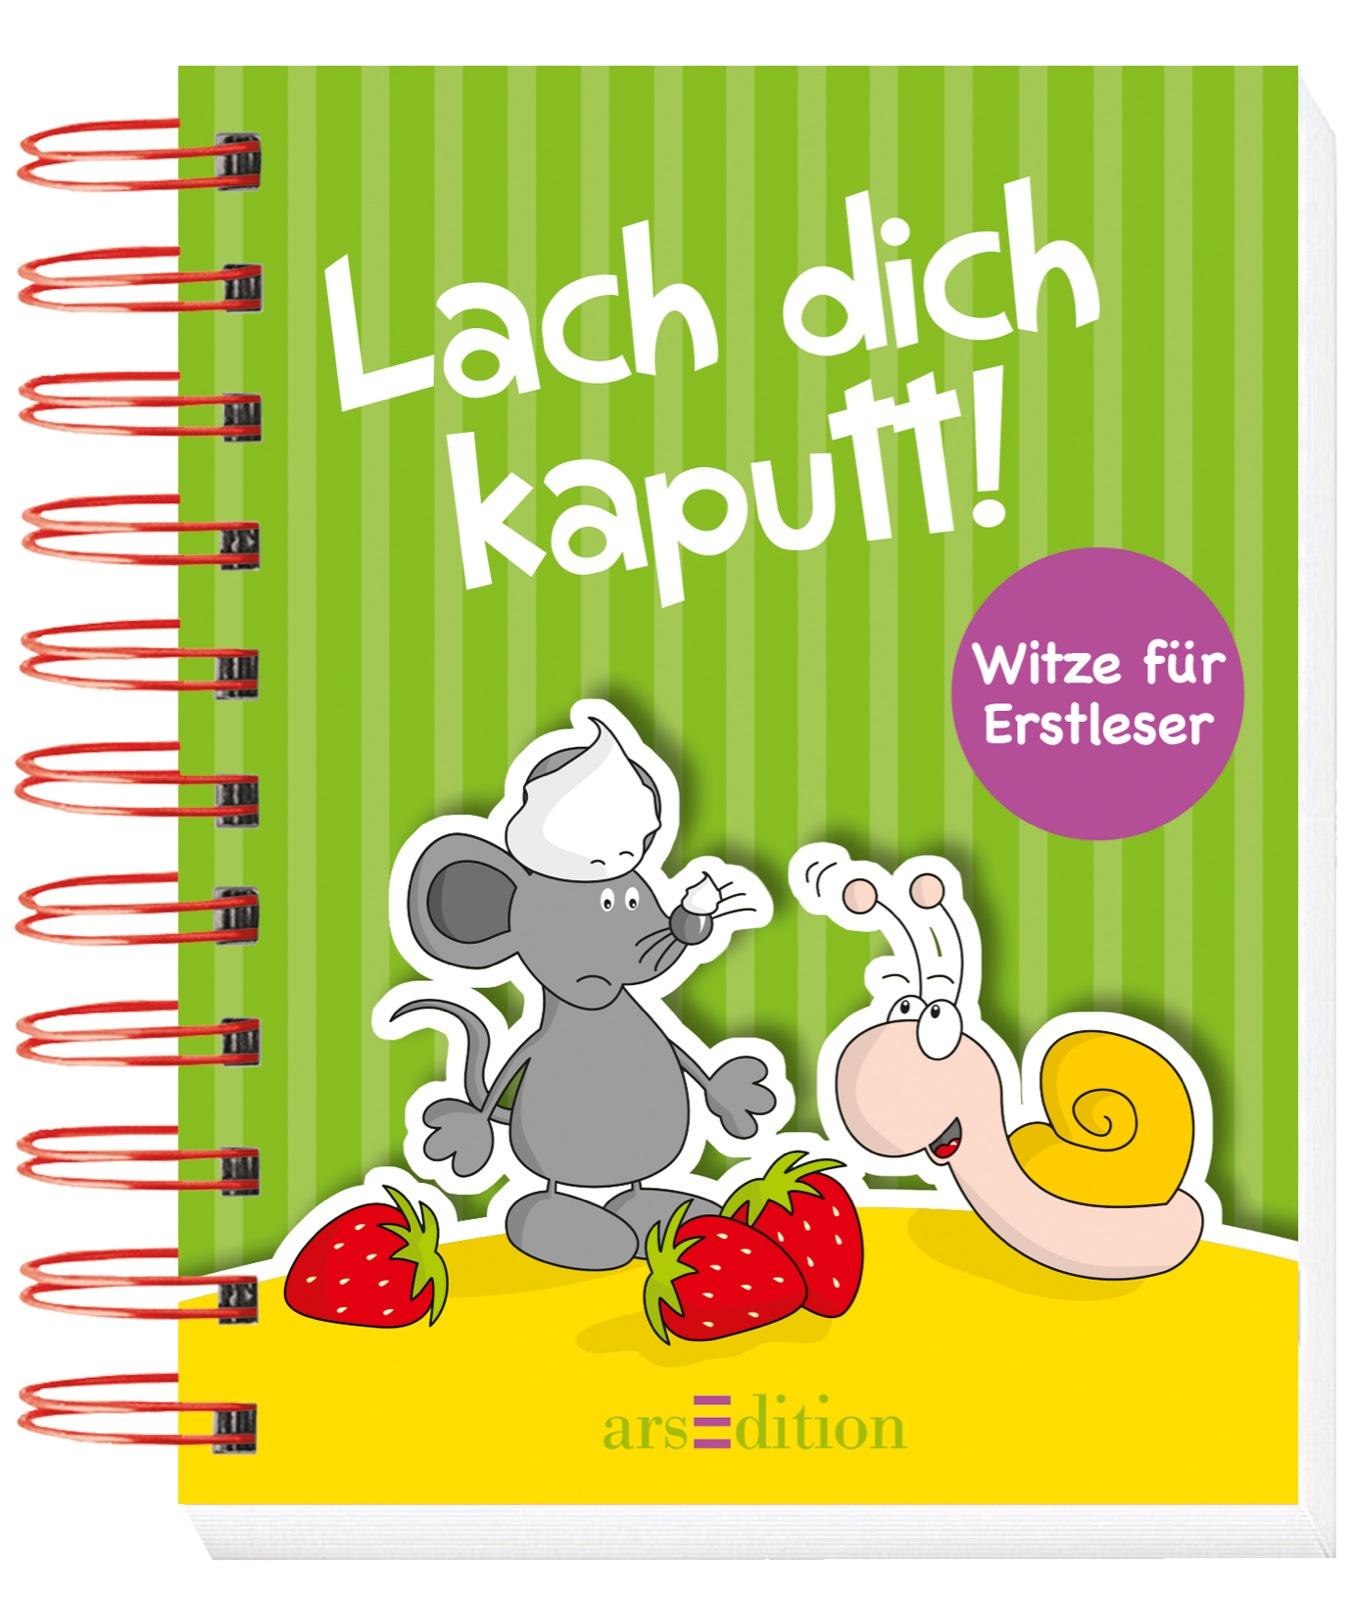 Lach dich kaputt!: Witze für Erstleser - Löwenb...